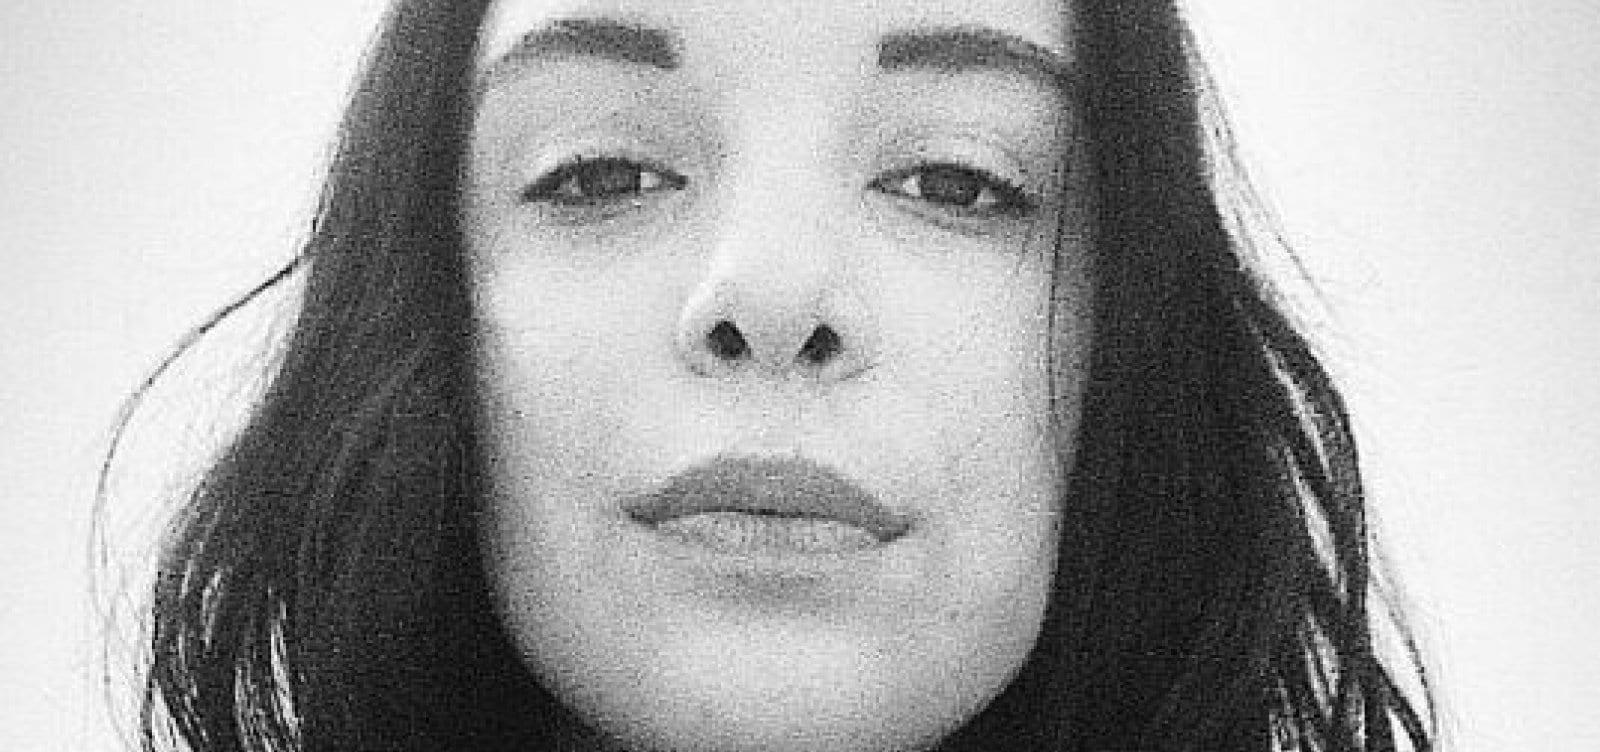 Eva Luana choca o mundo ao contar os abusos que passou por 8 anos